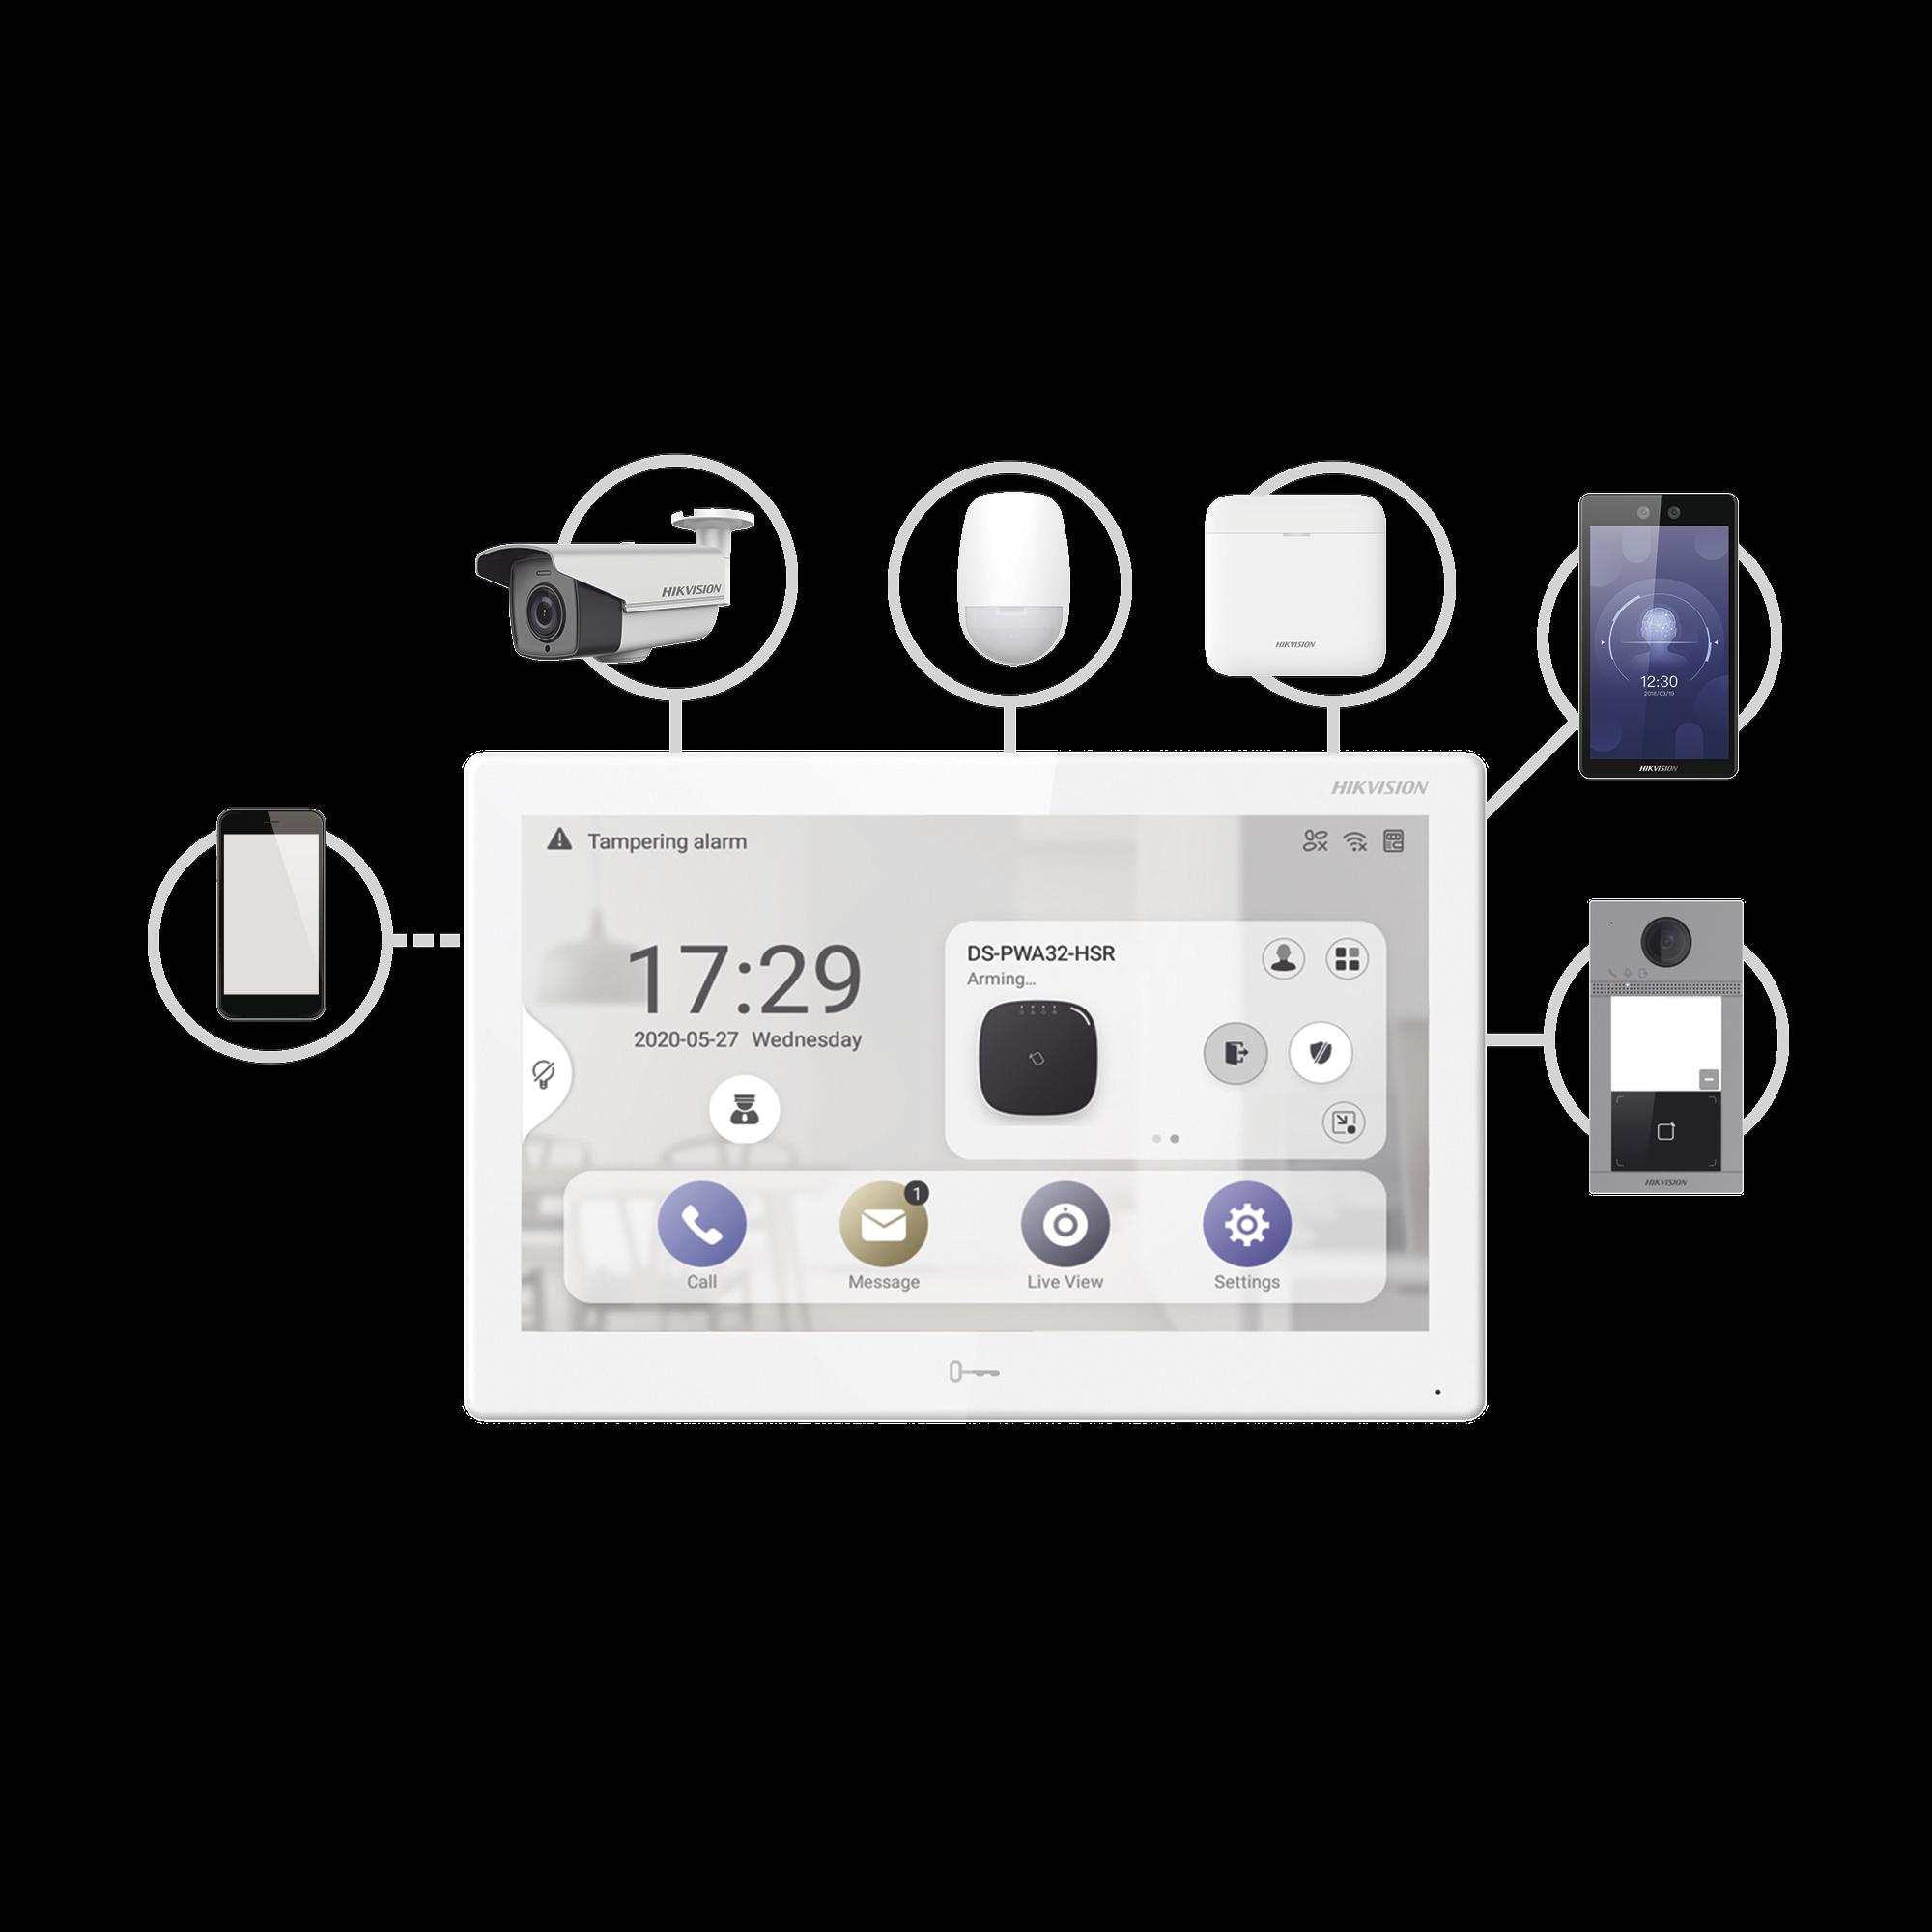 Monitor Touch IP / WiFi / ANDROID 7 / Integración con Videoporteros IP, CCTV, Panel de Alarma AXPRO y Biométricos de Acceso / CENTRO DE ADMINISTRACIóN / Vídeo en Vivo / PoE Estándar / Apertura Remota